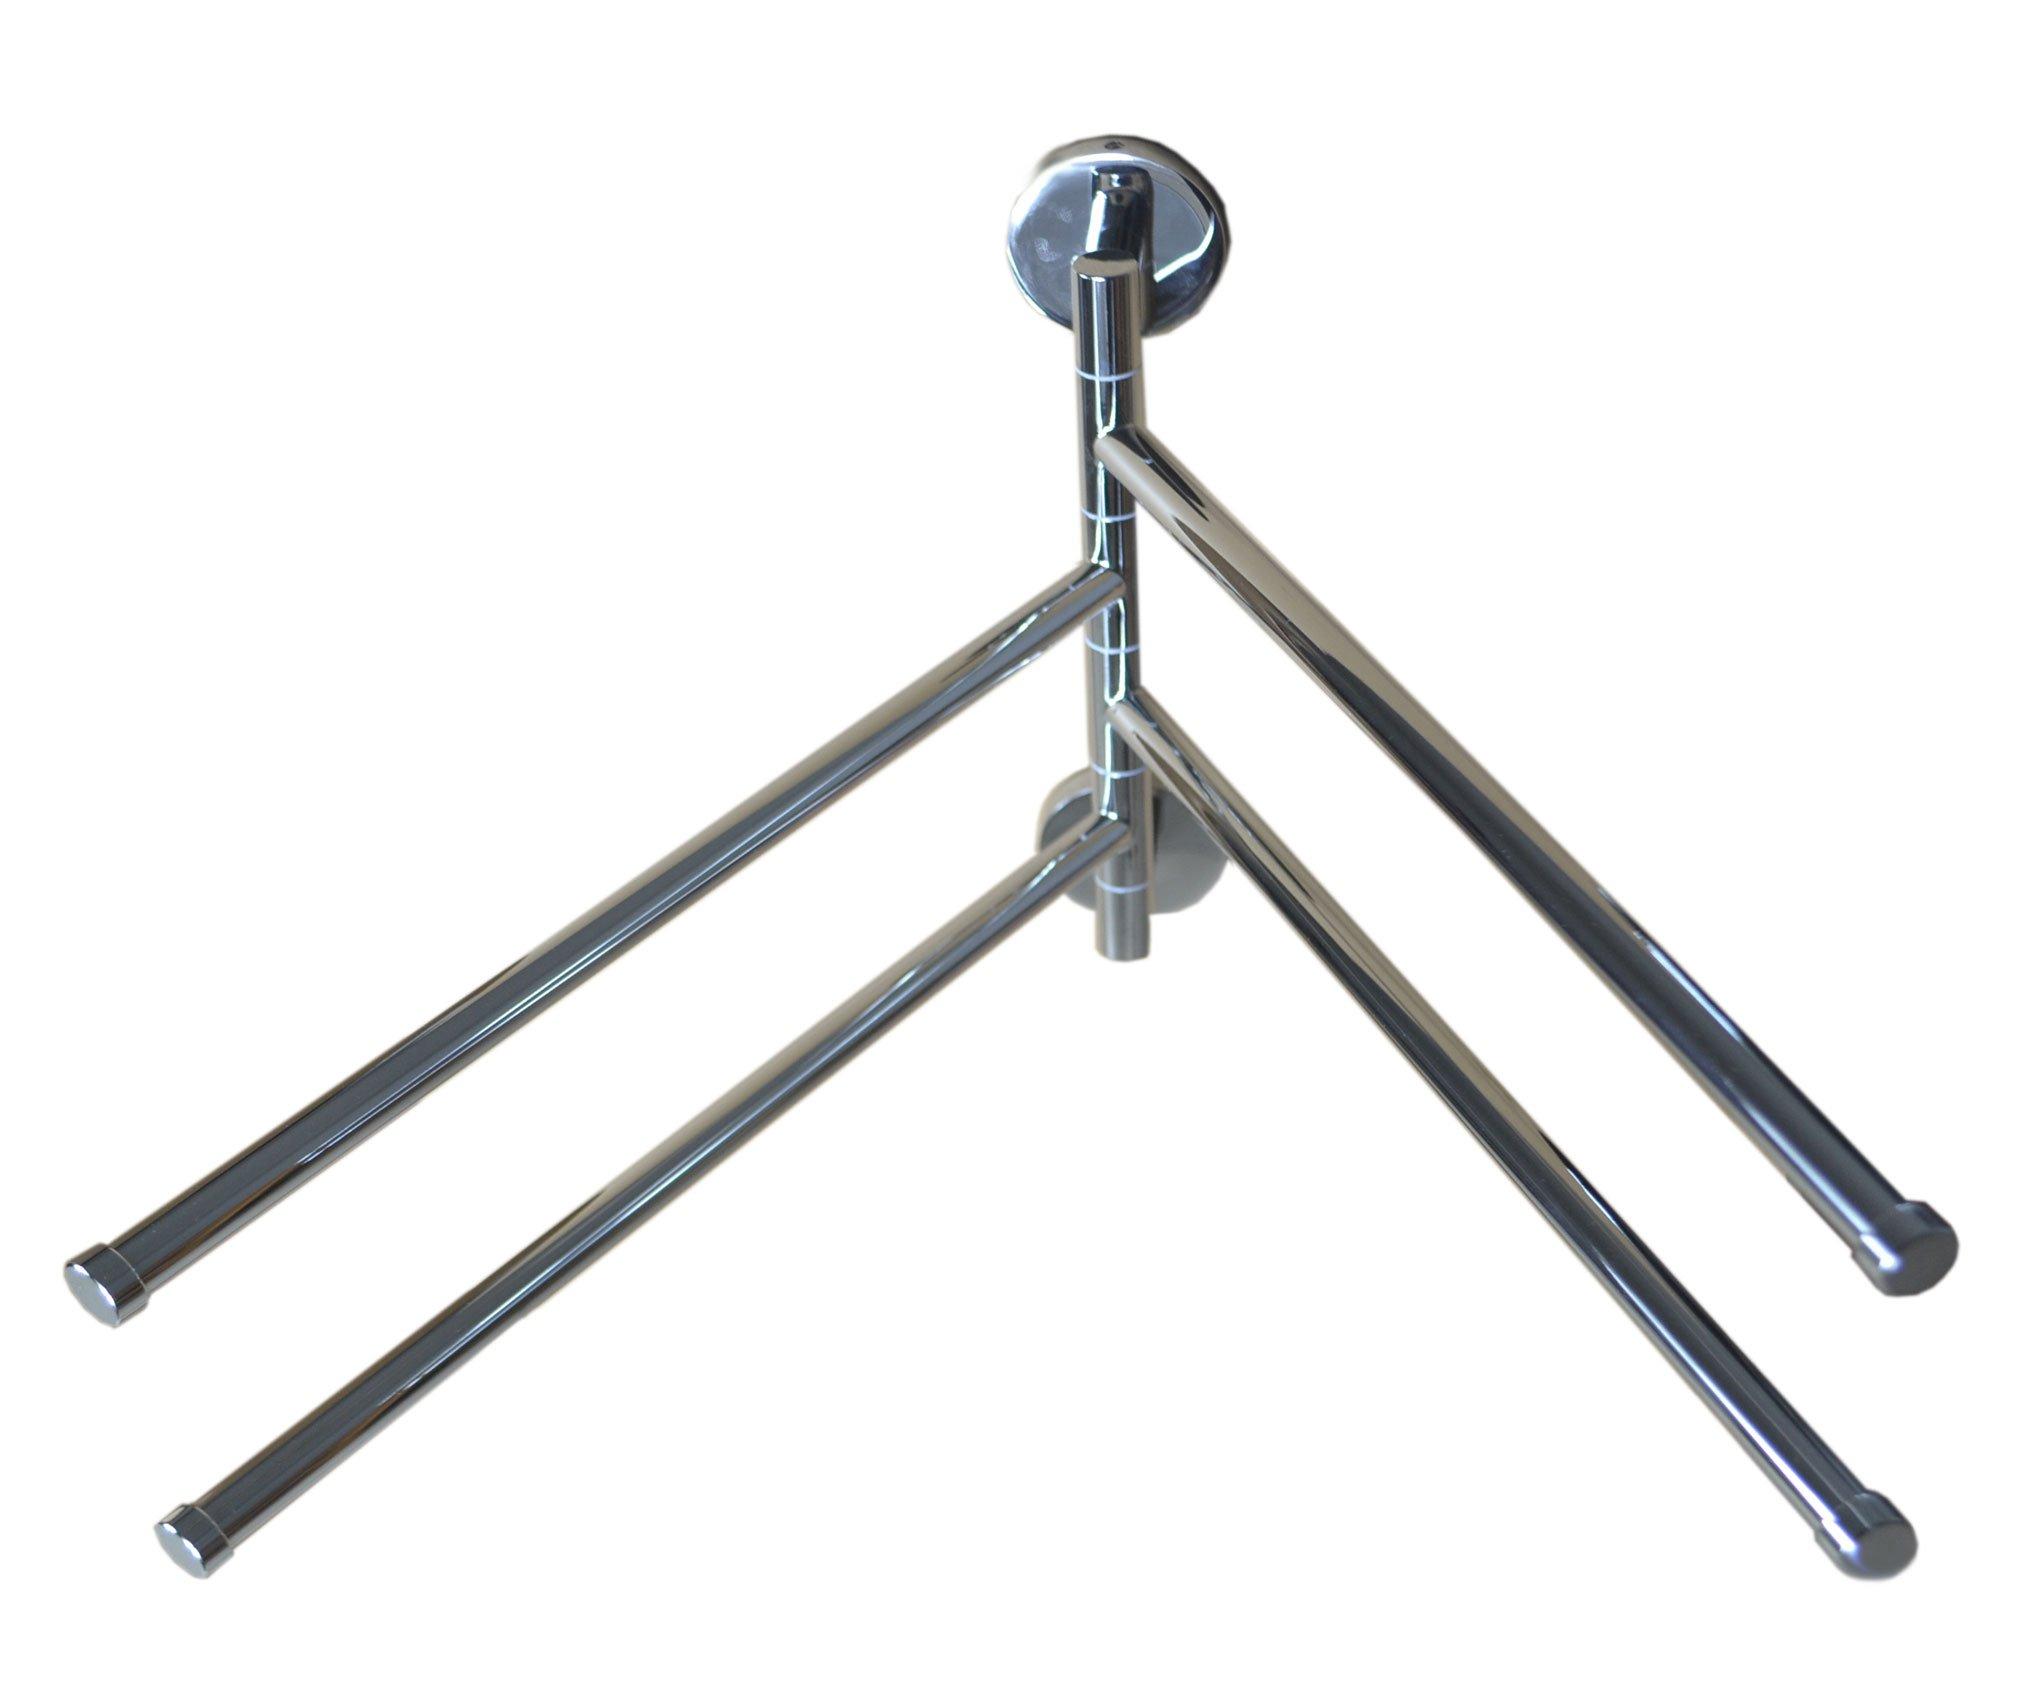 Bathroom Wall-Mounted Swing 4-Arm Towels Rack,Stainless Steel (Set of 1)